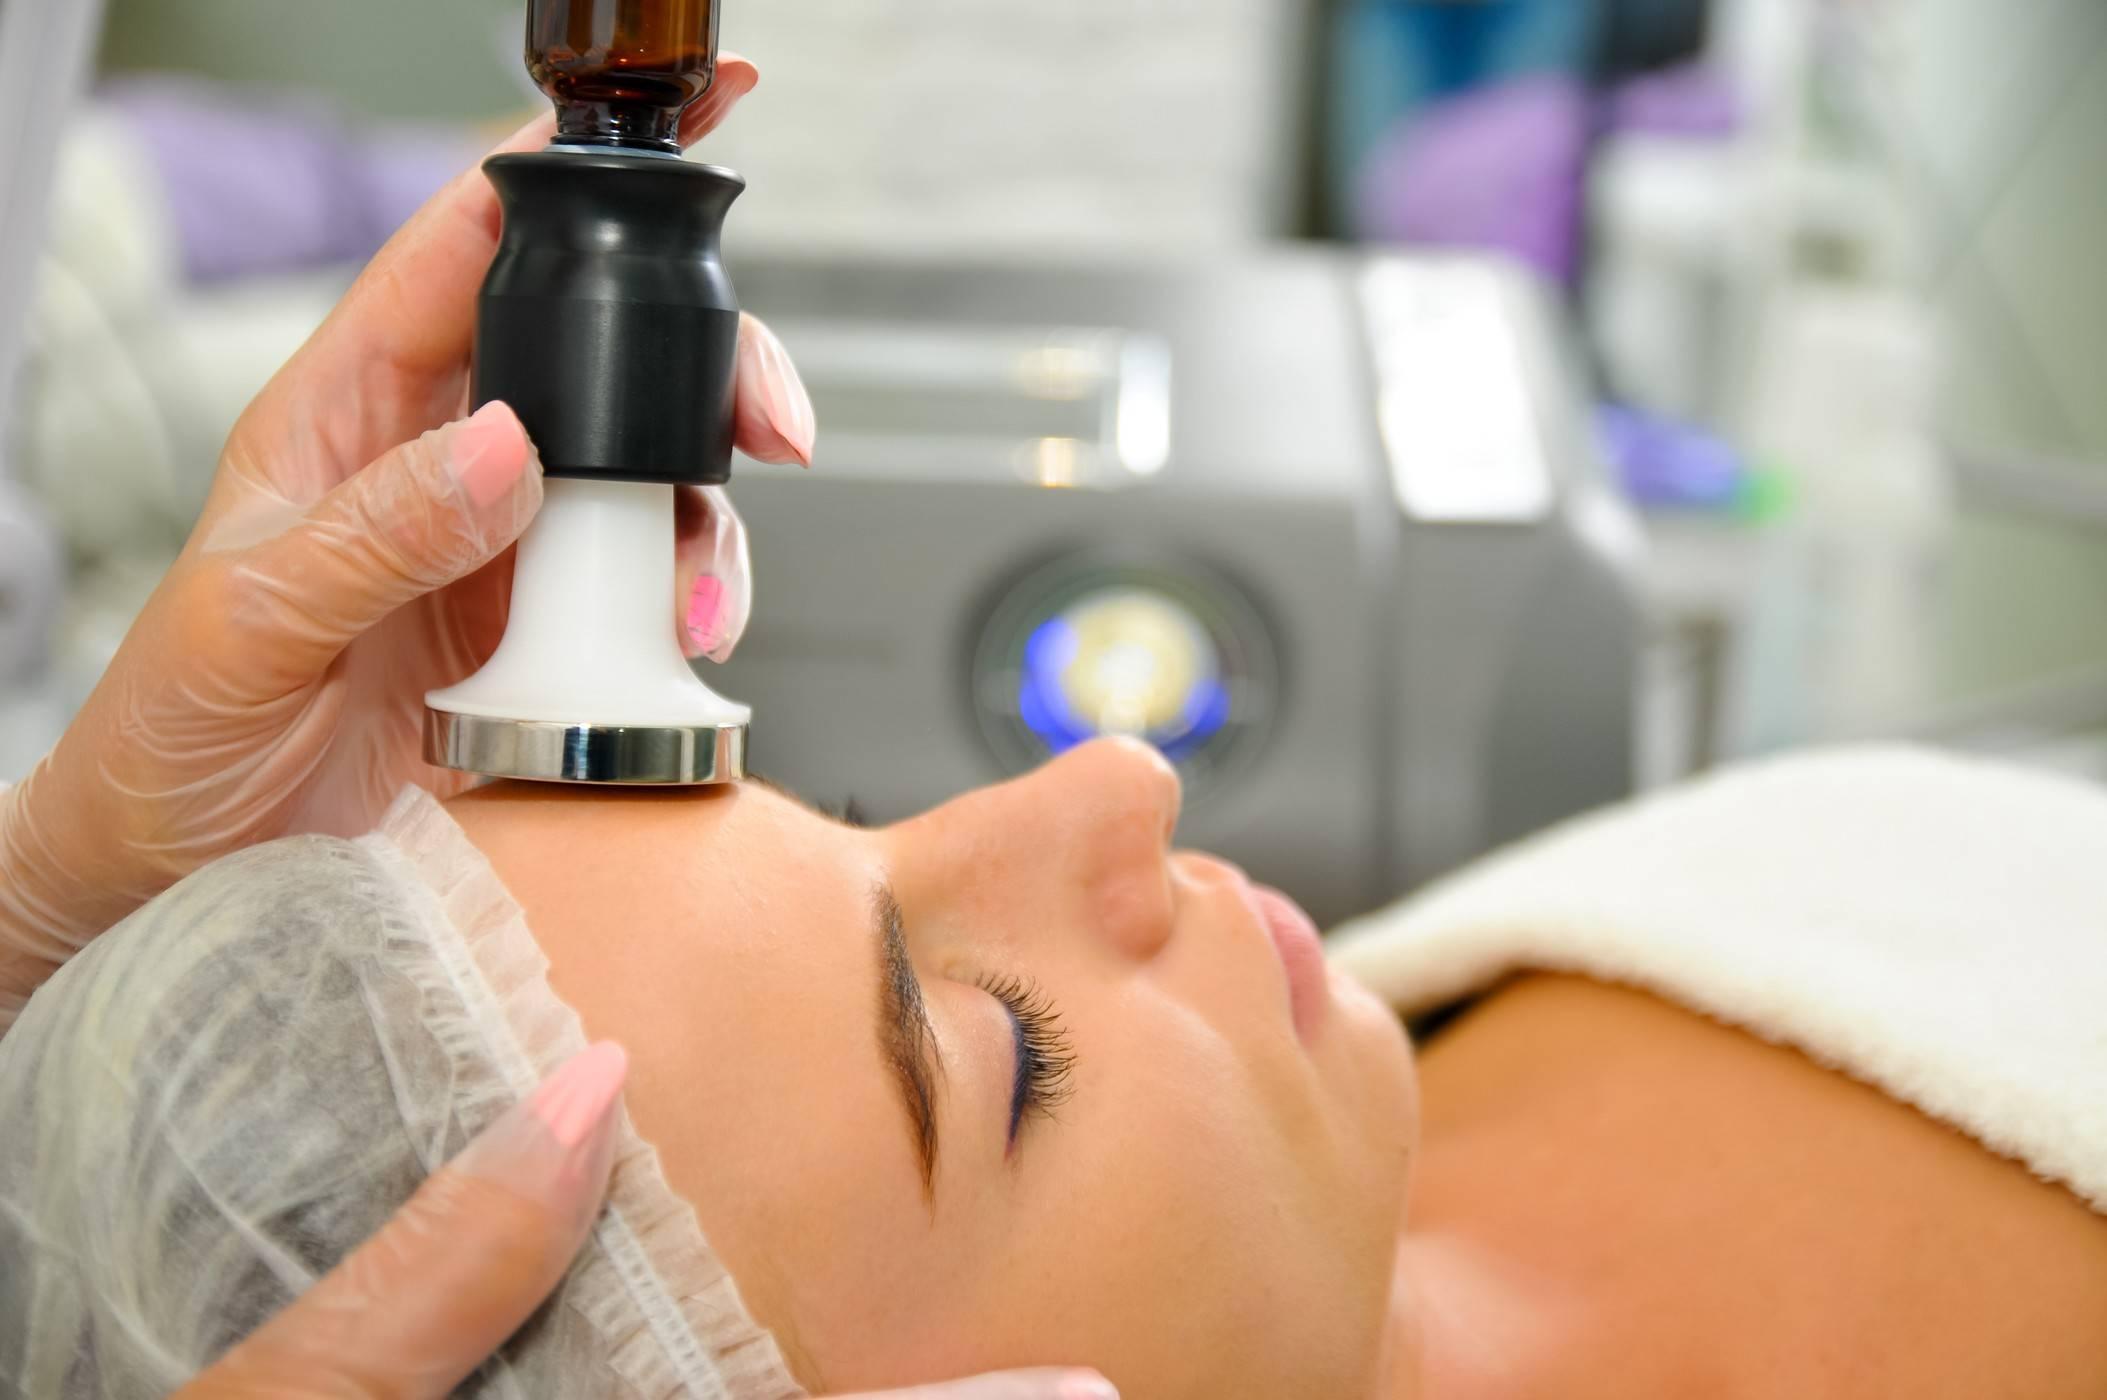 Чем мезотерапия отличается от биоревитализации: какая из процедур эффективнее?